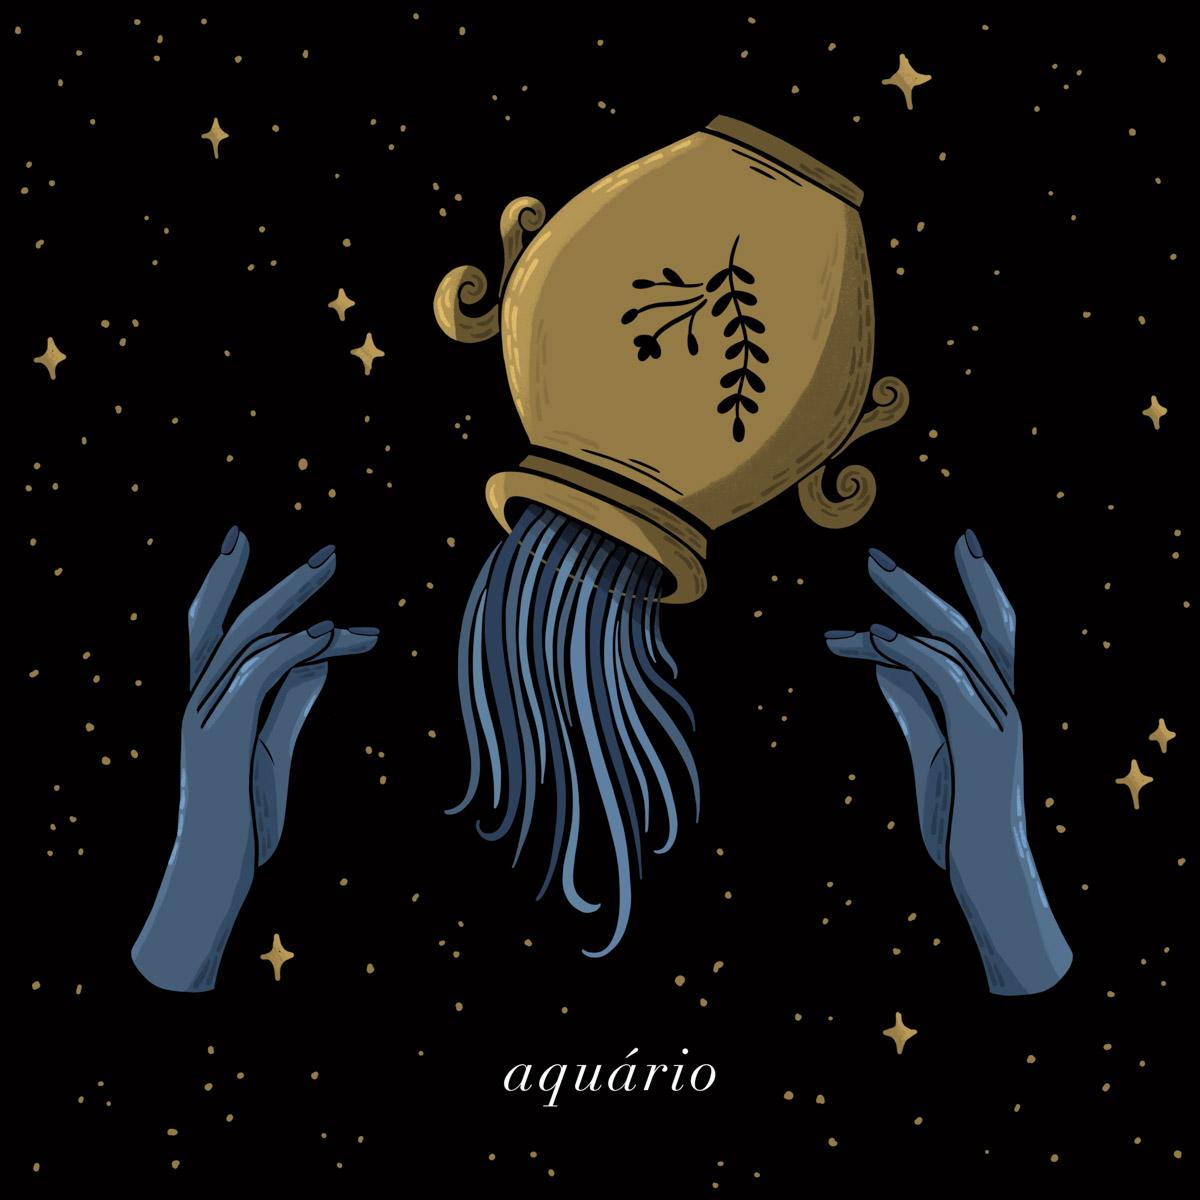 Signos Aquario